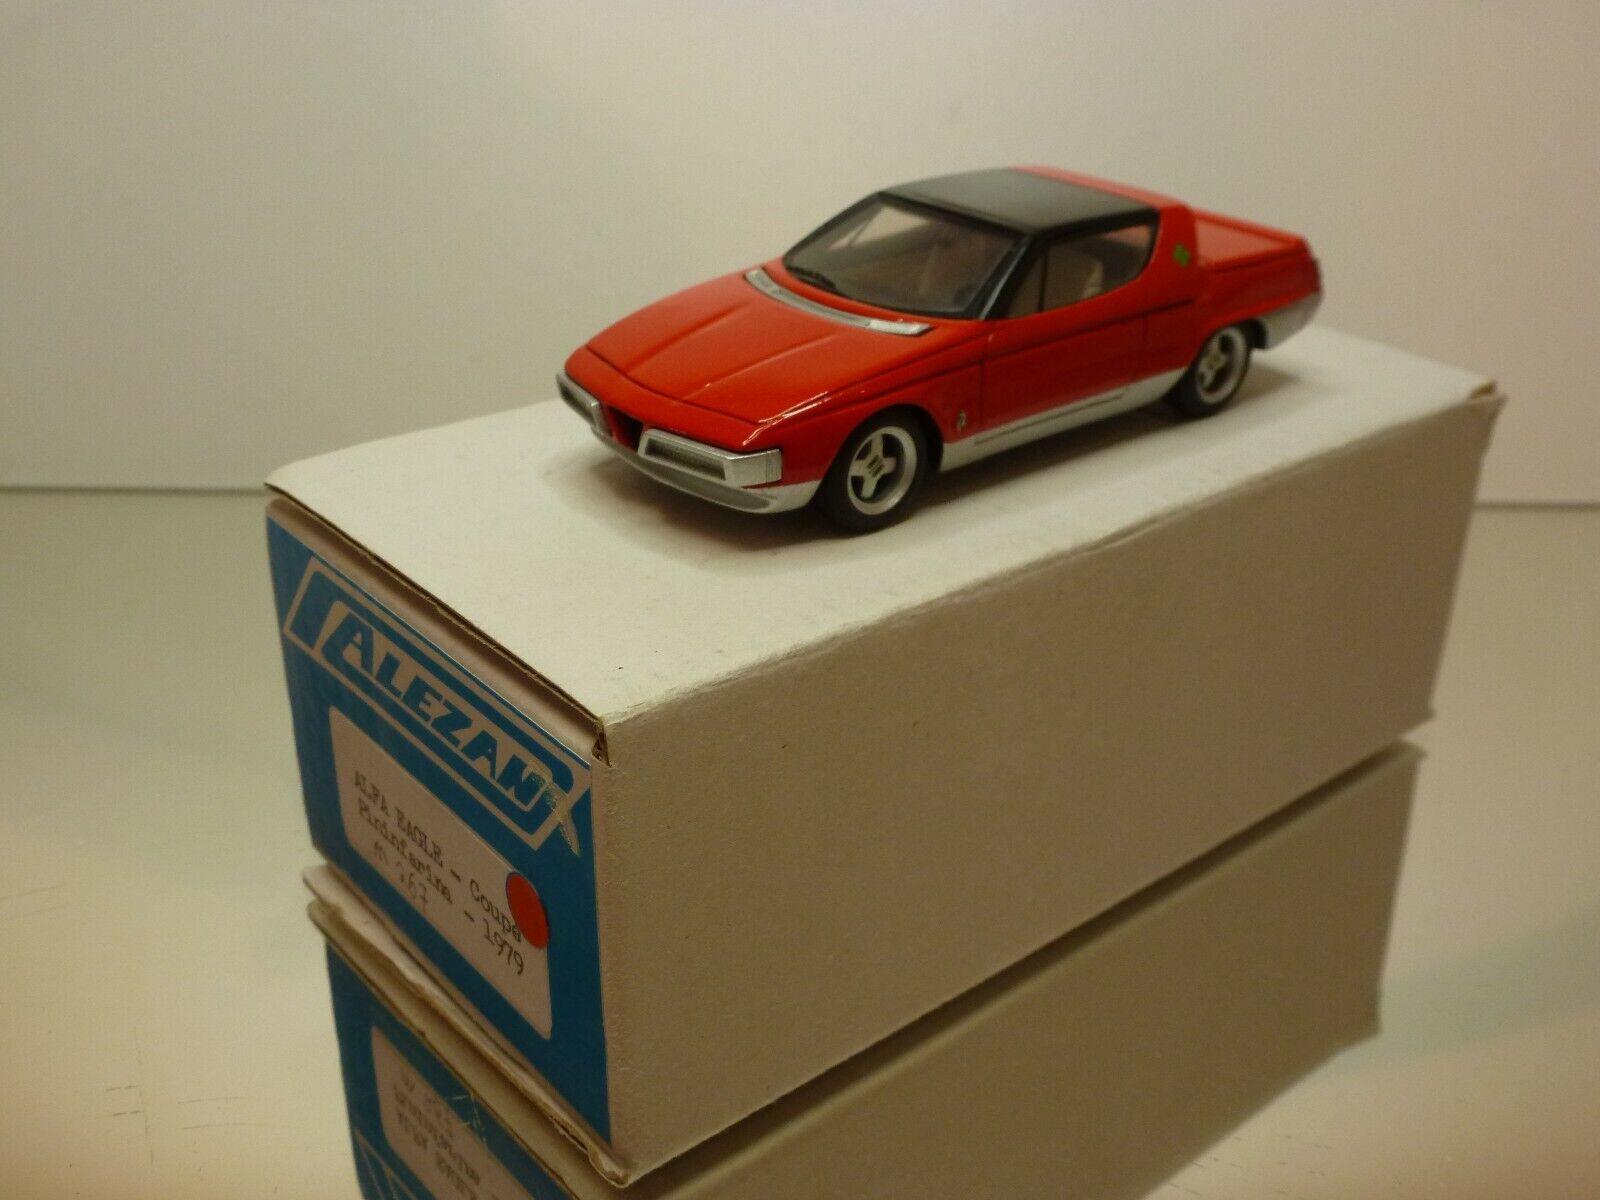 ALEZAN M267 ALFA ROMEO EAGLE COUPE - RED 1 43 - NEAR MINT CONDITION IN BOX